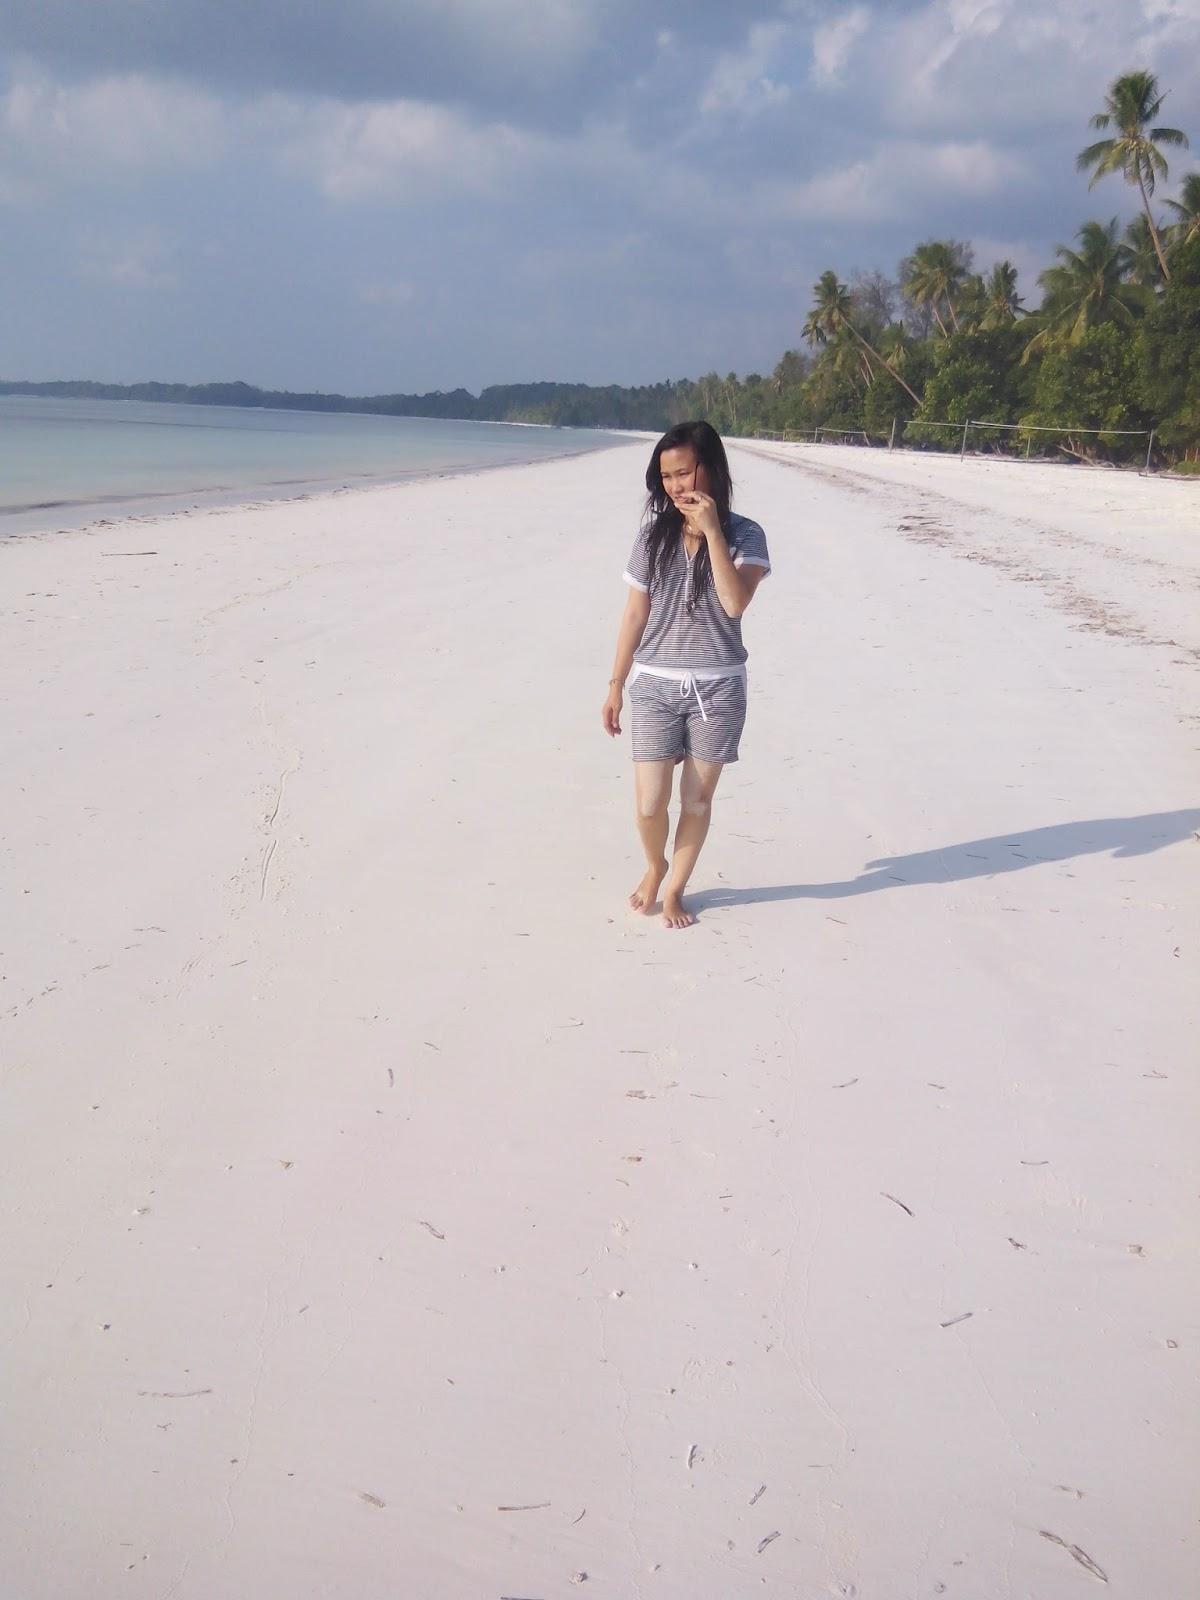 Keanekaragaman Kepulauan Kei Island Pantai Pasir Panjang Ngaverngodan Malukutenggara Sejarahsingkatmalukutenggara